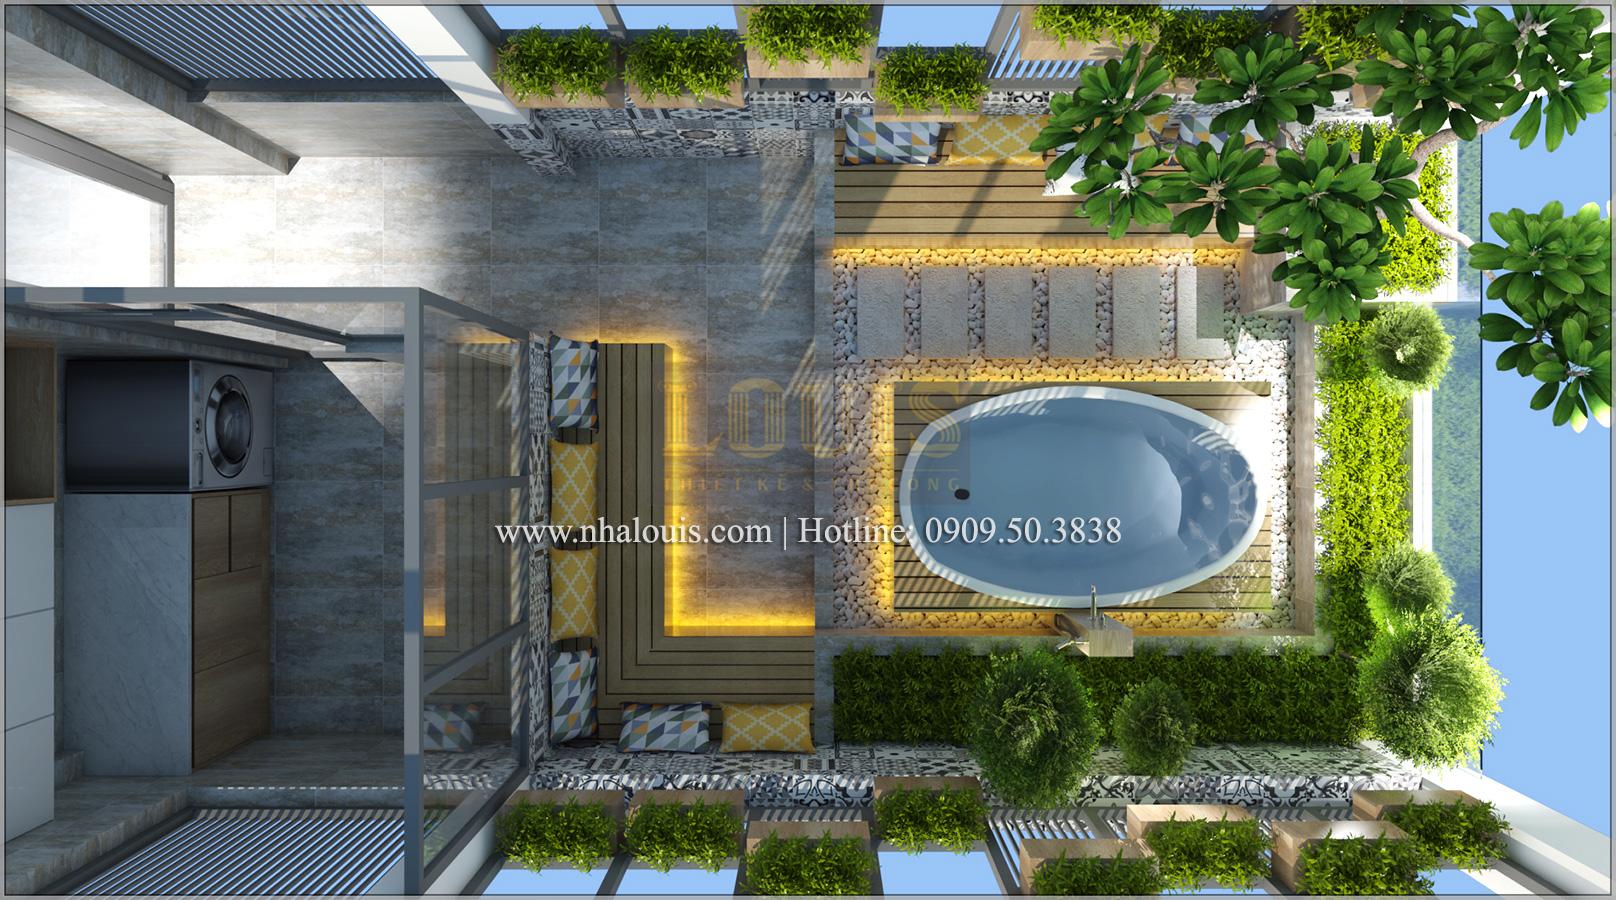 """Ngắm nhìn thiết kế nhà ống 4 tầng đầy đủ công năng """"bất chấp"""" hạn chế về diện tích"""